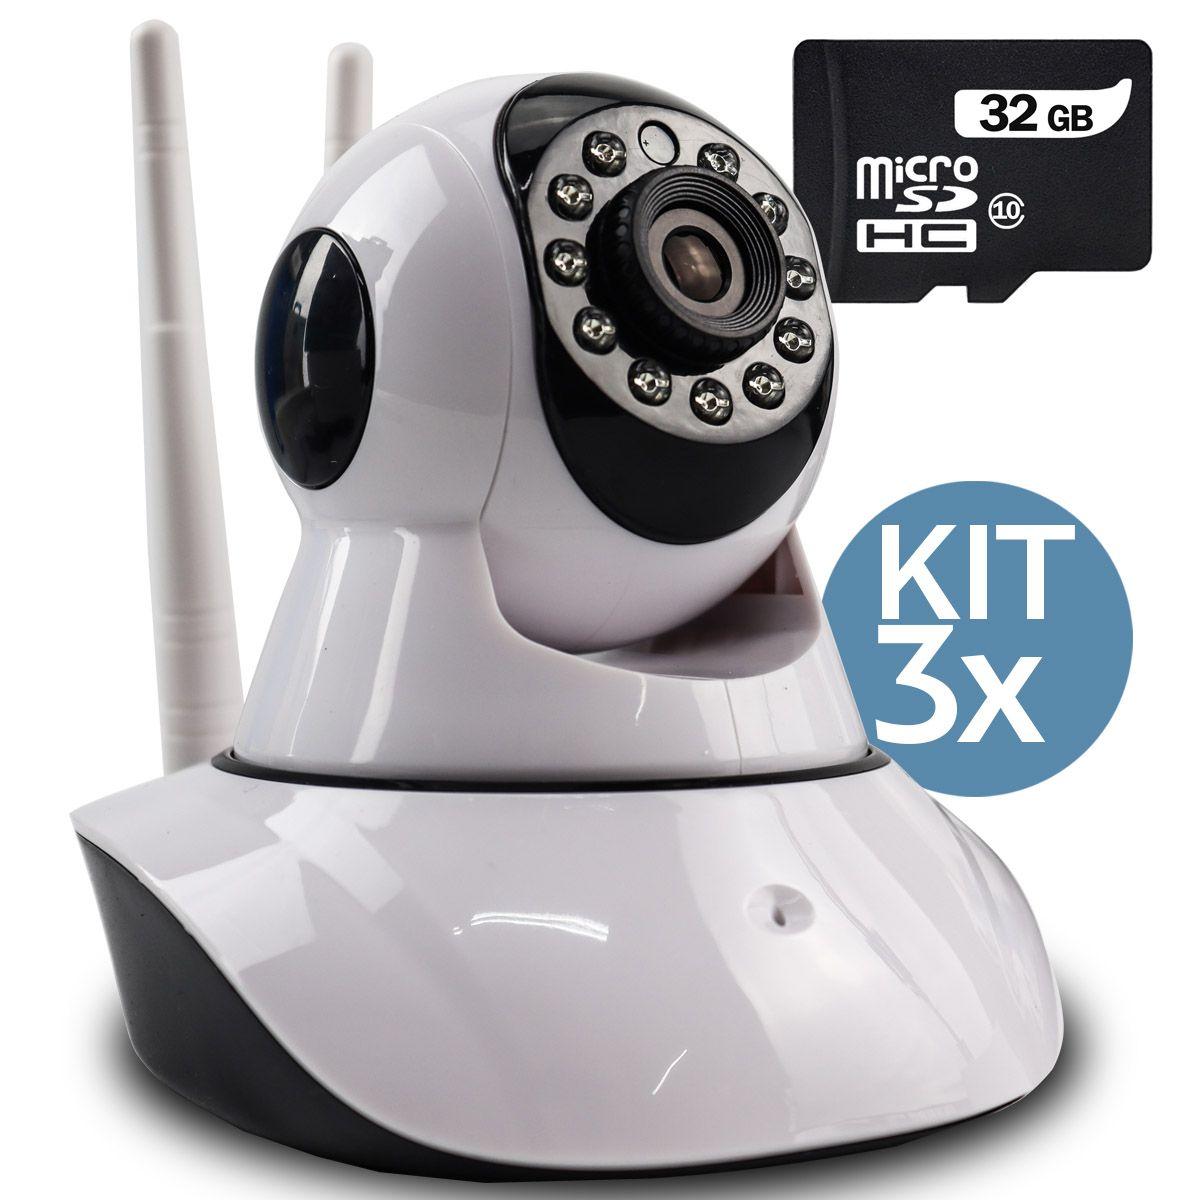 KIT 3x Câmera IP Digital 2.0MP com Dois Receptores de Wifi e Visão Noturna Full HD 1080p Q5 + 3x Cartão Micro SD 32GB